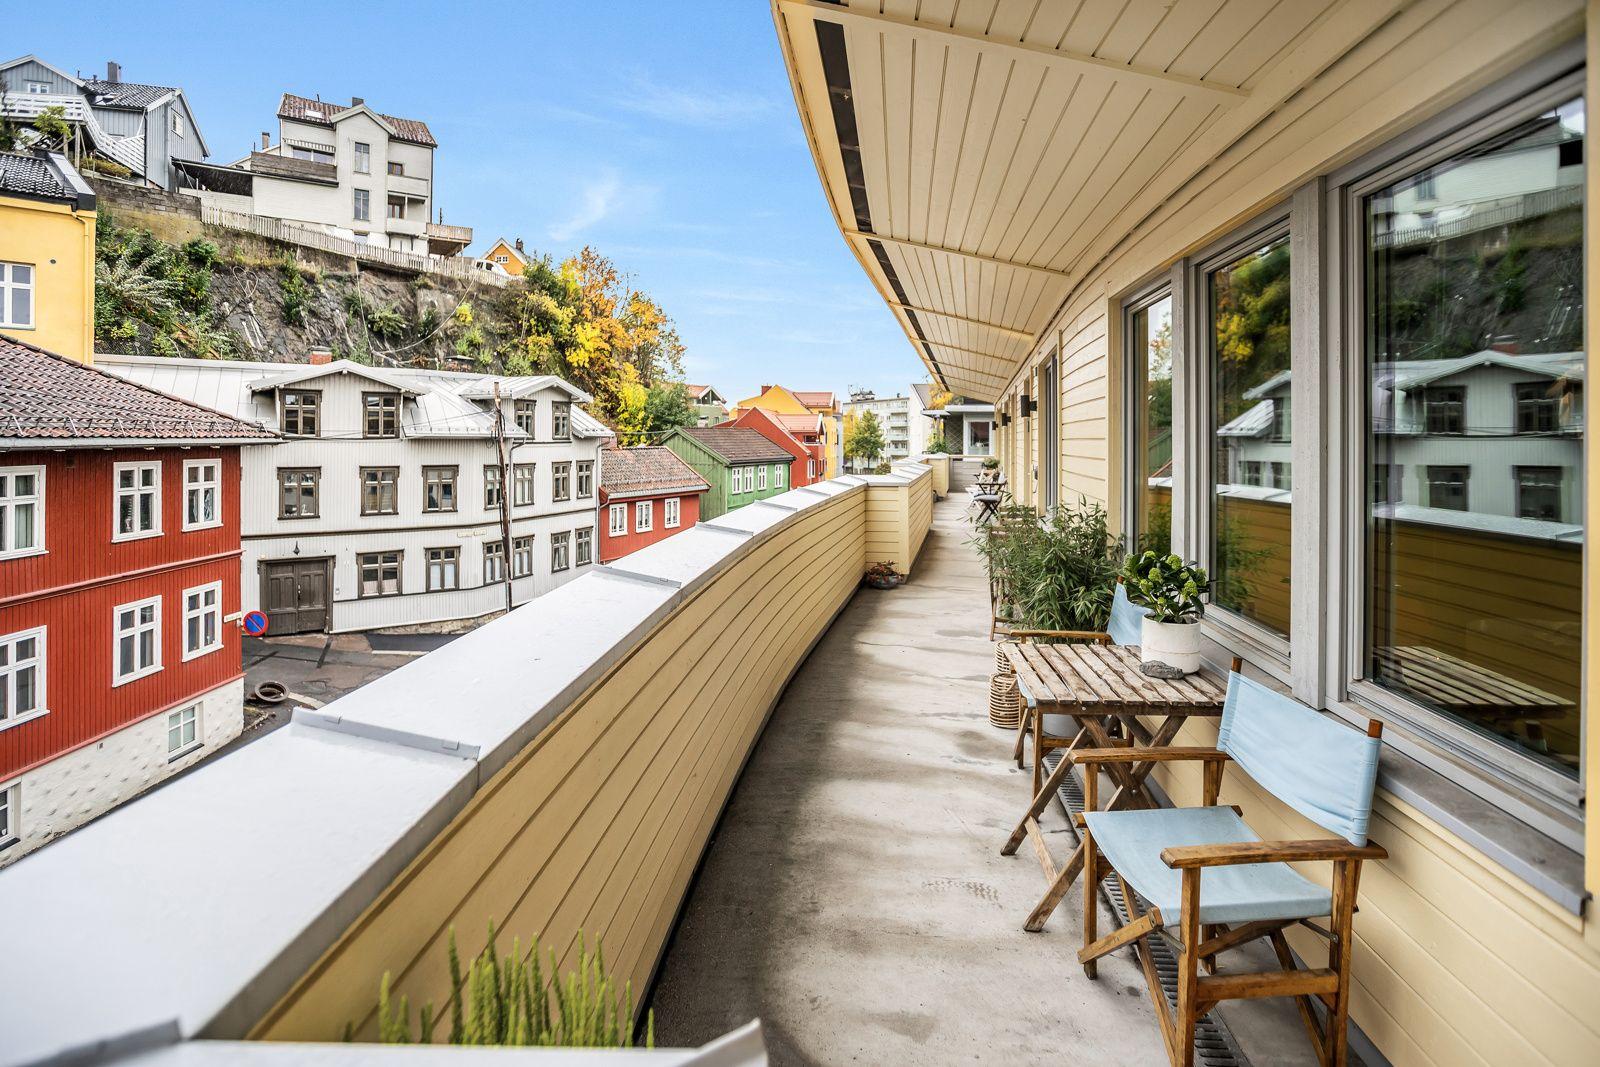 Konows gate 26N Et flott sted å bo for deg som ønsker en rolig tilværelse i nærheten av grønne friarealer. Her er det sol hele dagen!